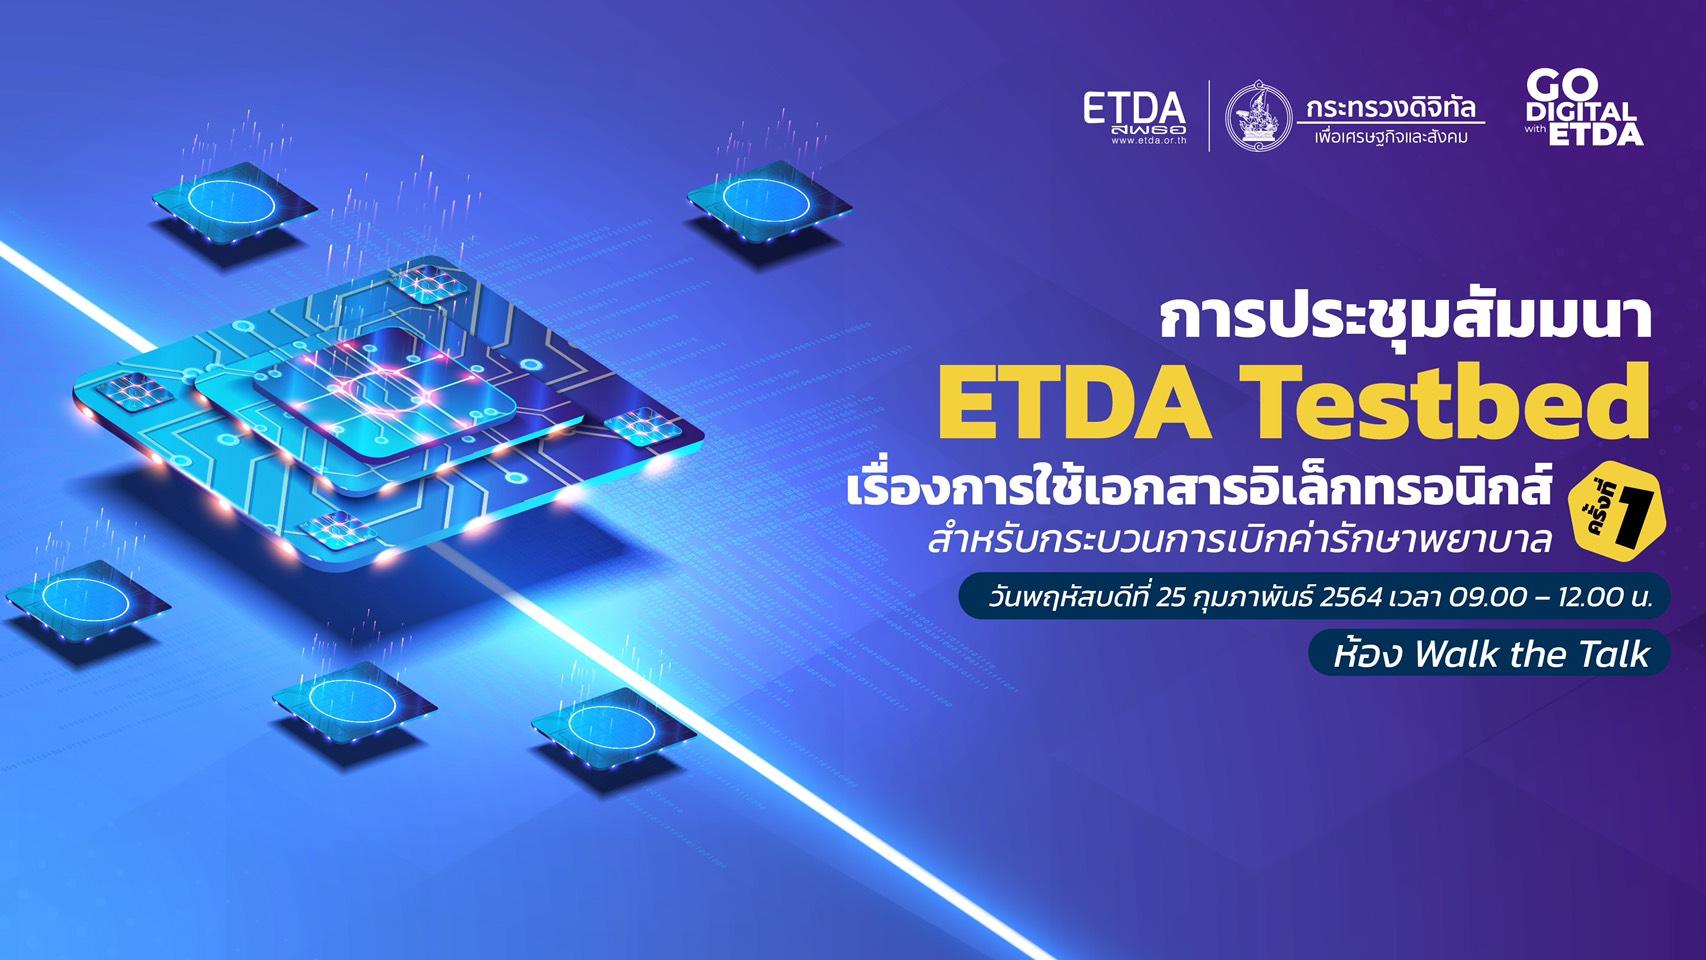 ETDA ประเดิมเทคโนโลยีใหม่ กับการออกใบรับรองแพทย์เป็นอิเล็กทรอนิกส์